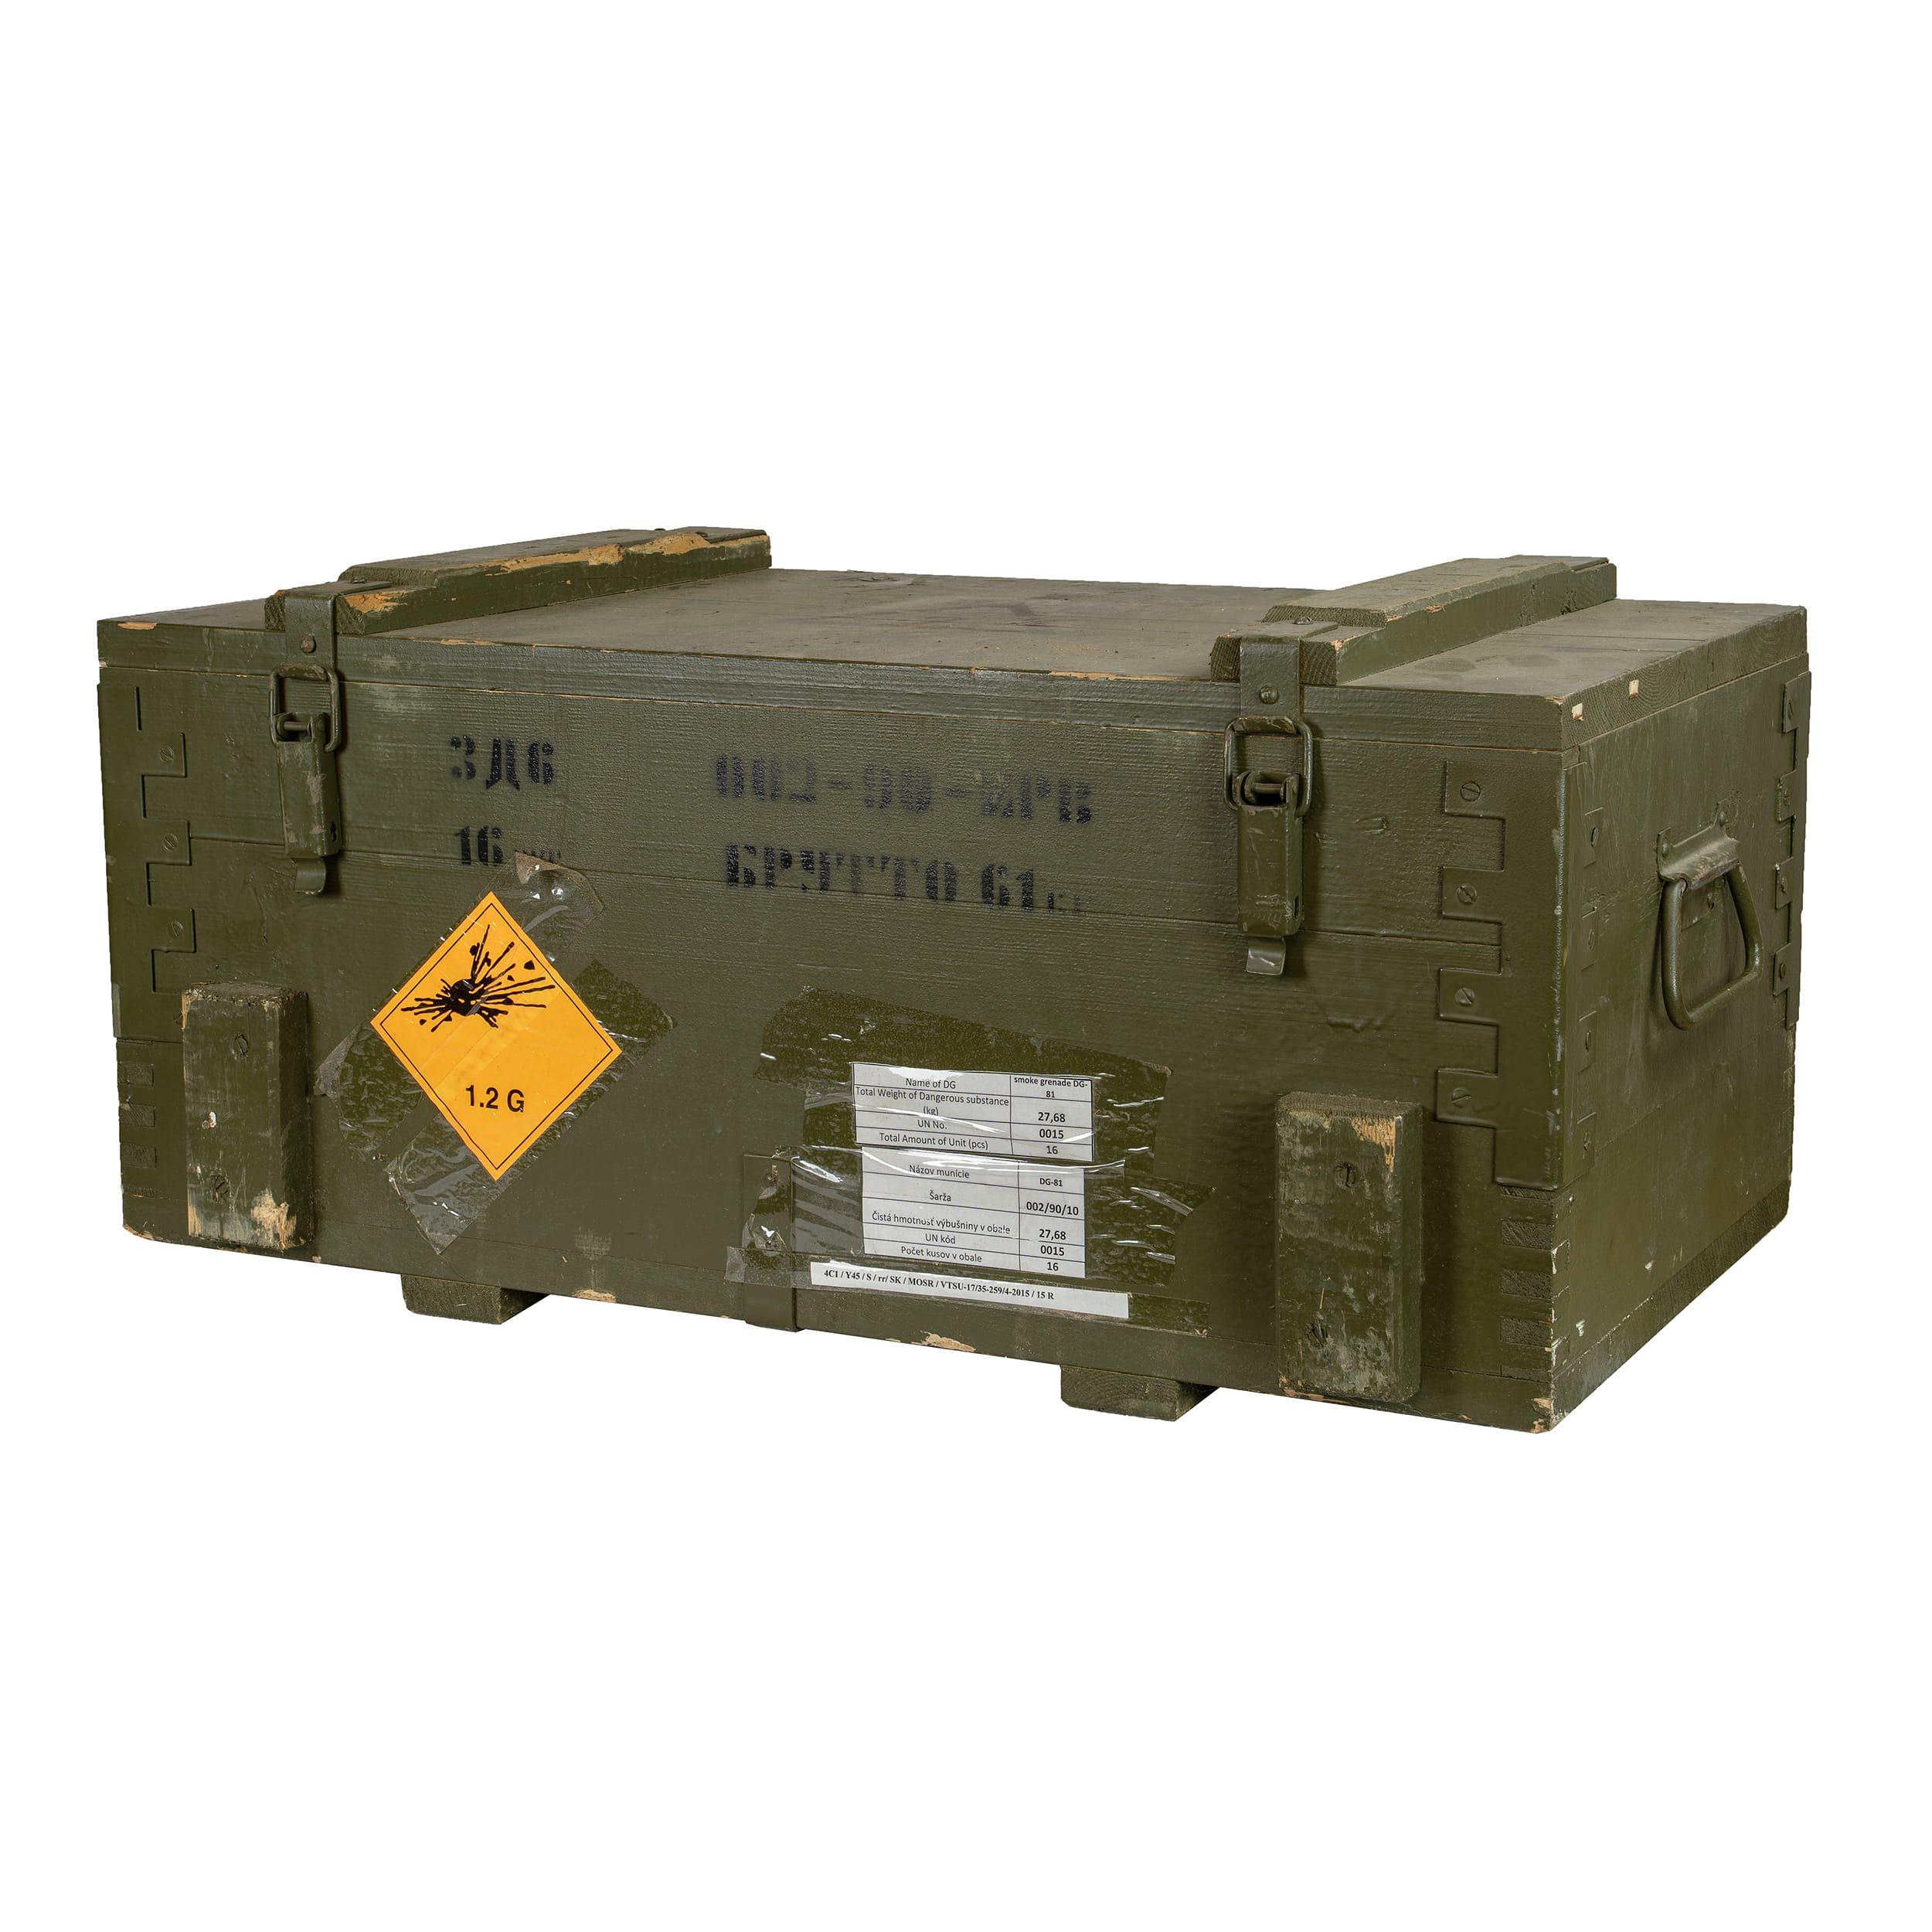 Bedna dřevěná od munice 3D6 použitá Armáda ČR 870273D6 L-11